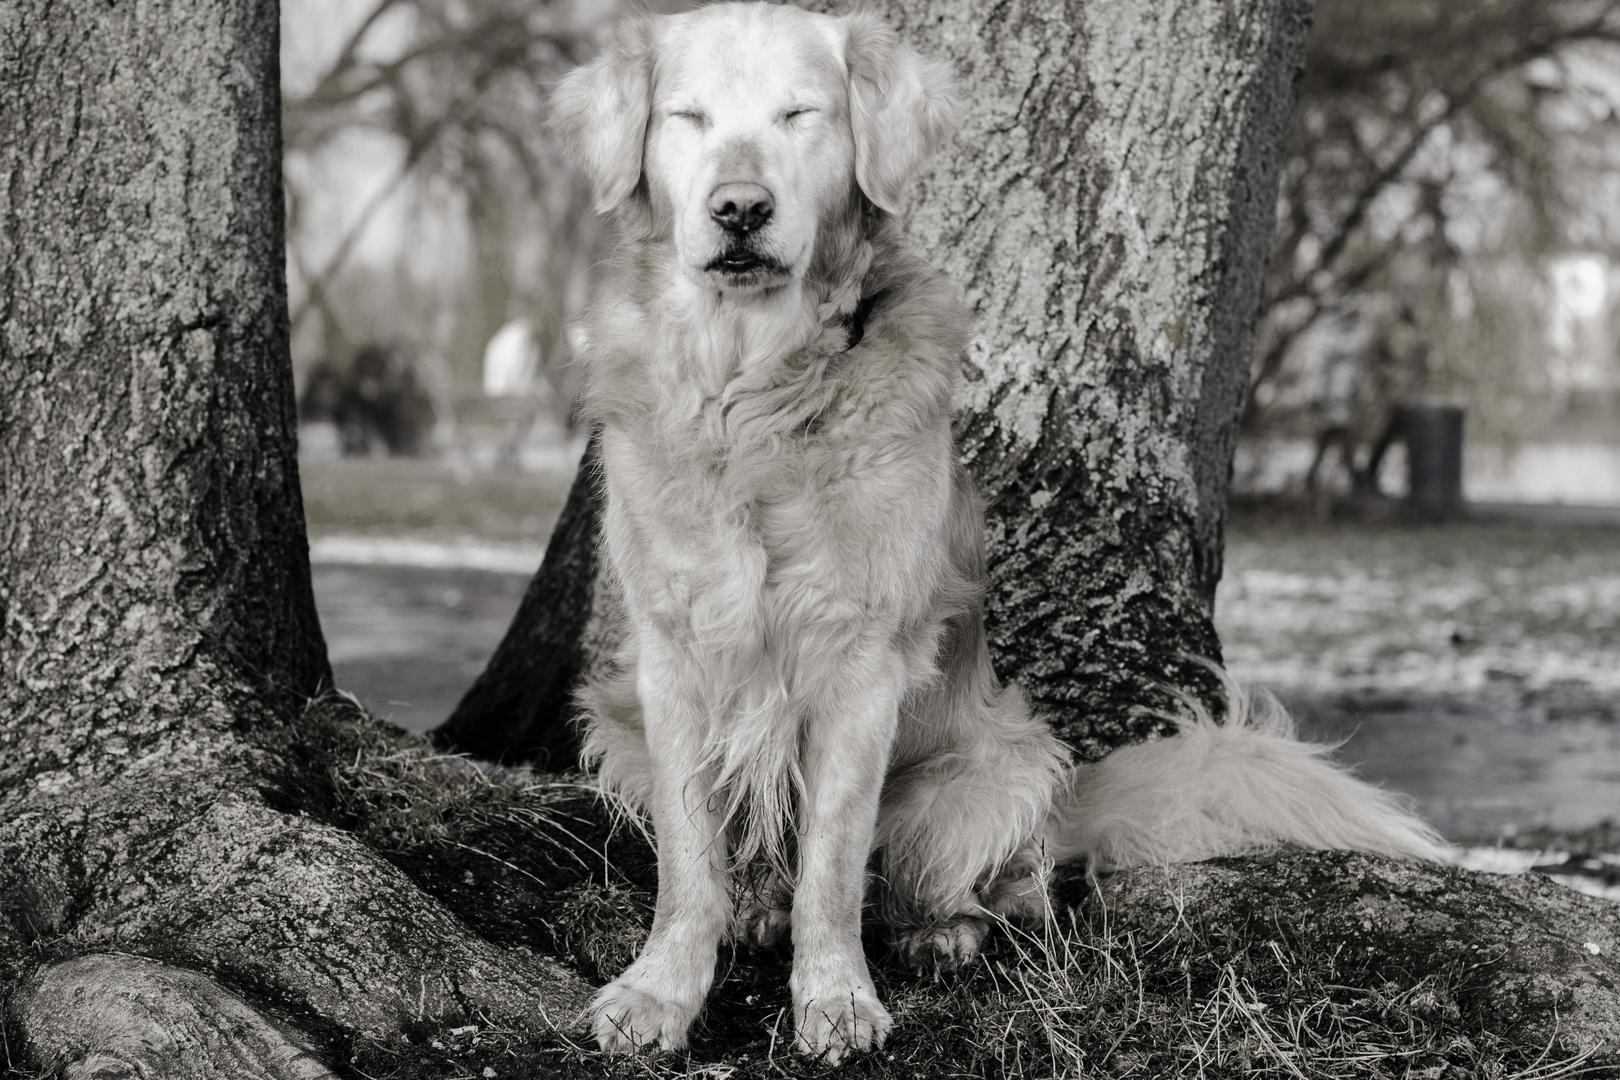 Buddha-Hund